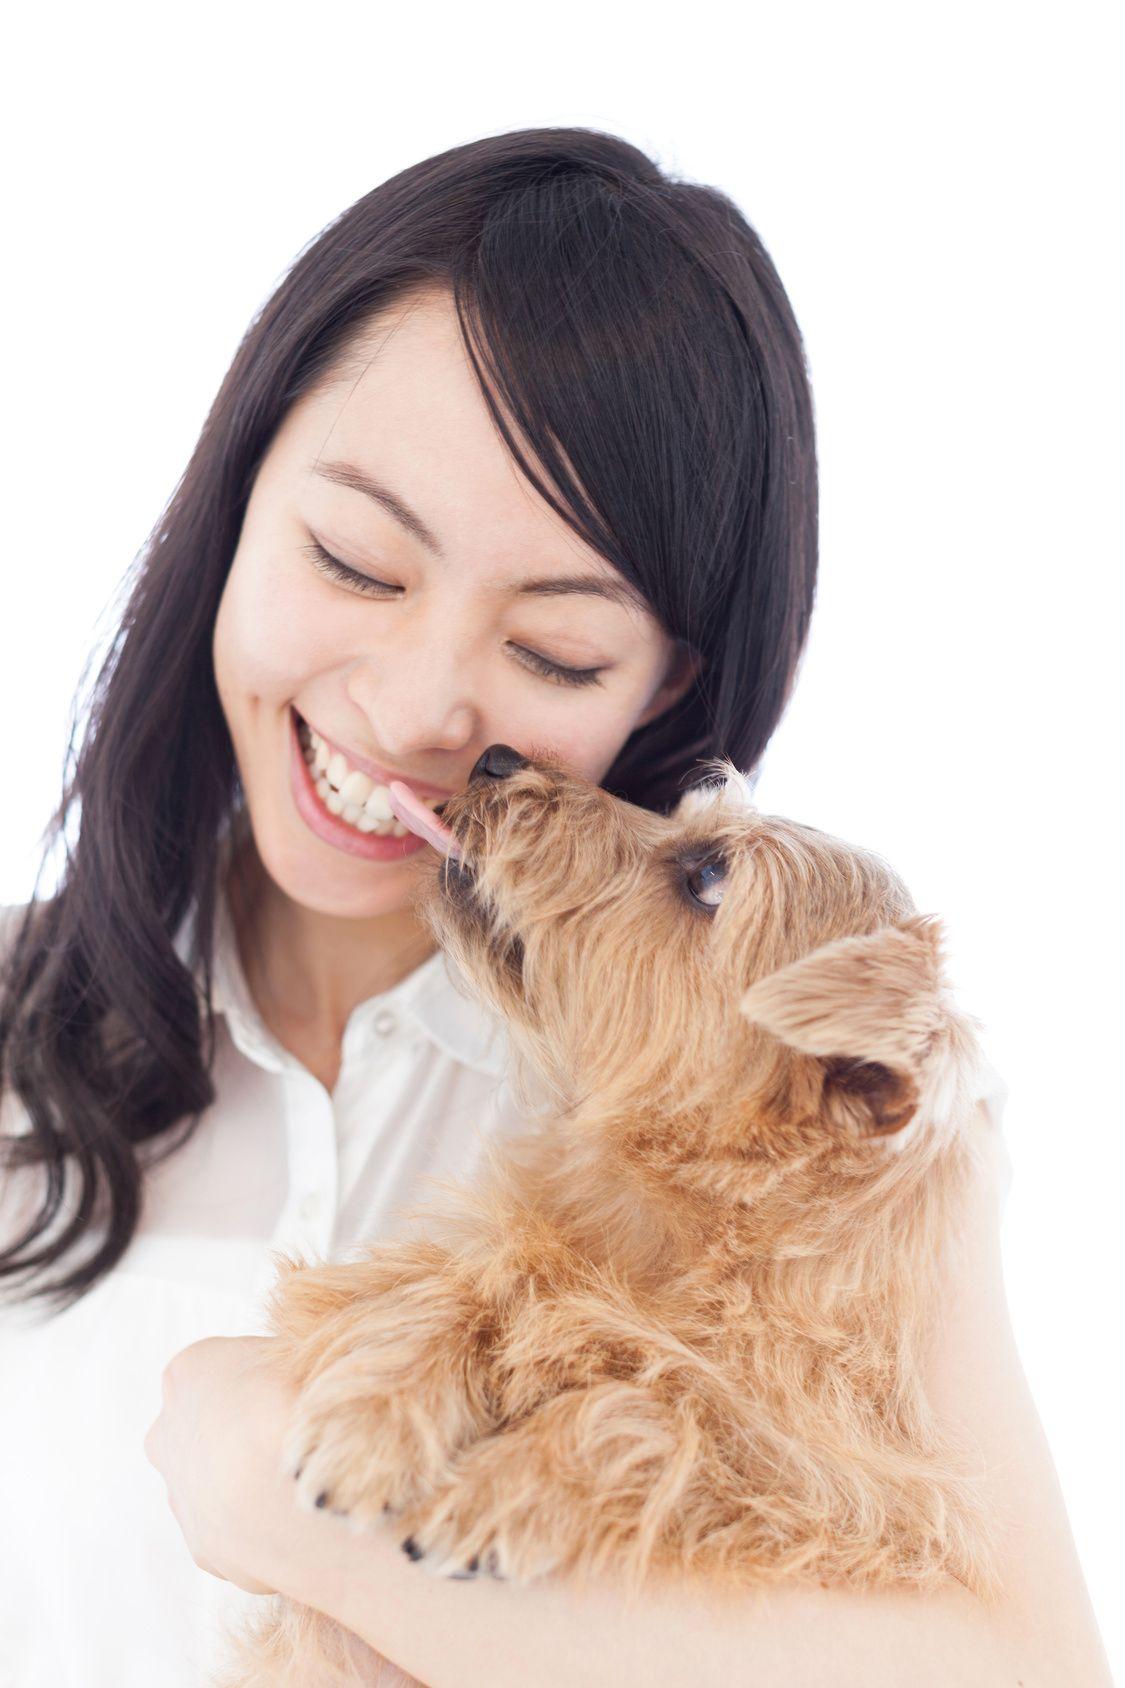 こんなに可愛いのにお口が臭う!? 愛犬の口臭予防法